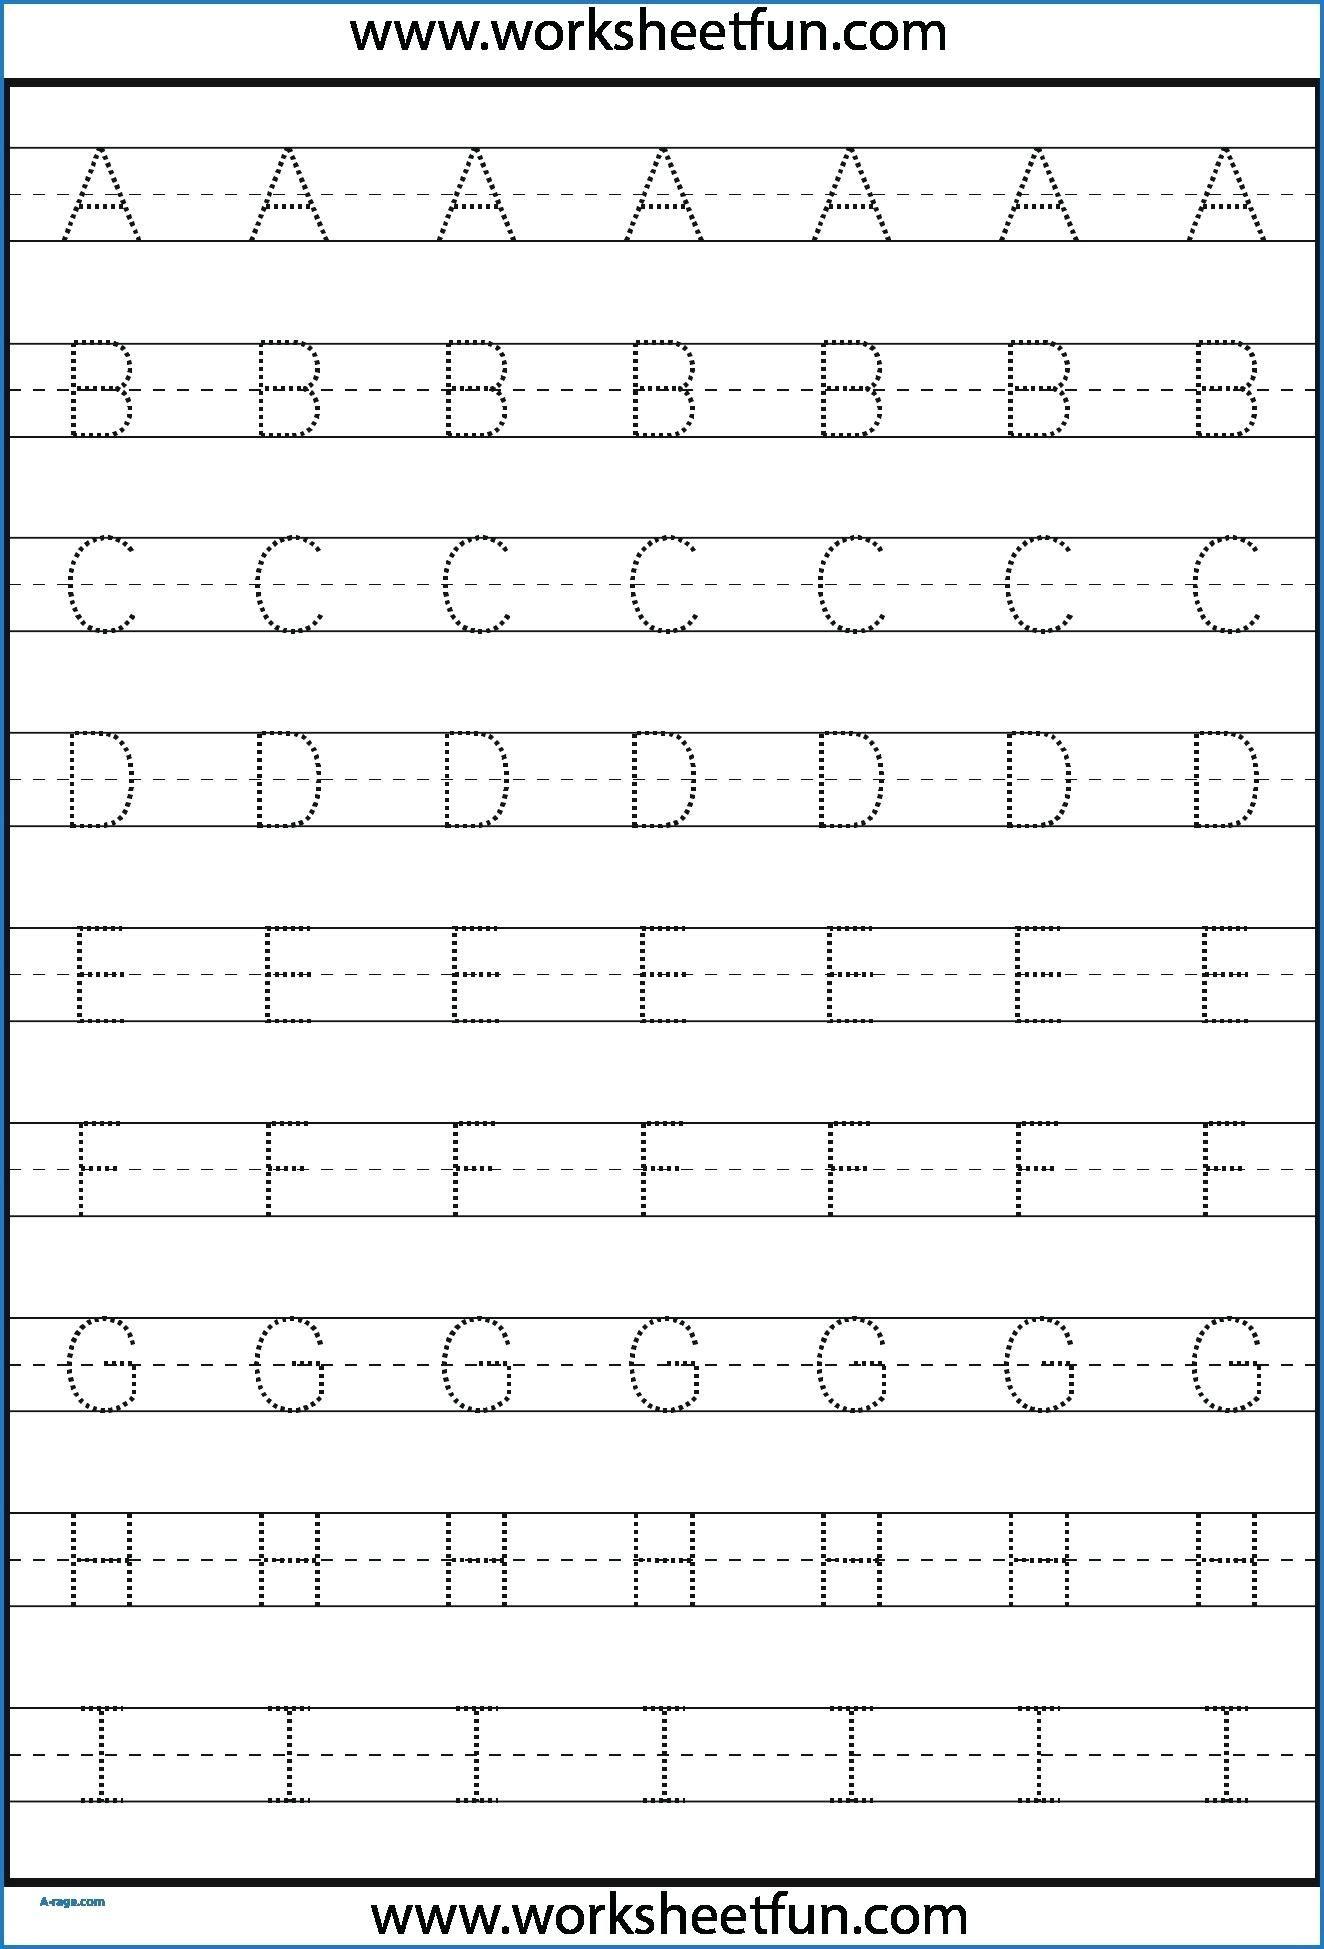 Kindergarten Letter Tracing Worksheets Pdf - Wallpaper Image in Tracing Letter I Worksheets Free